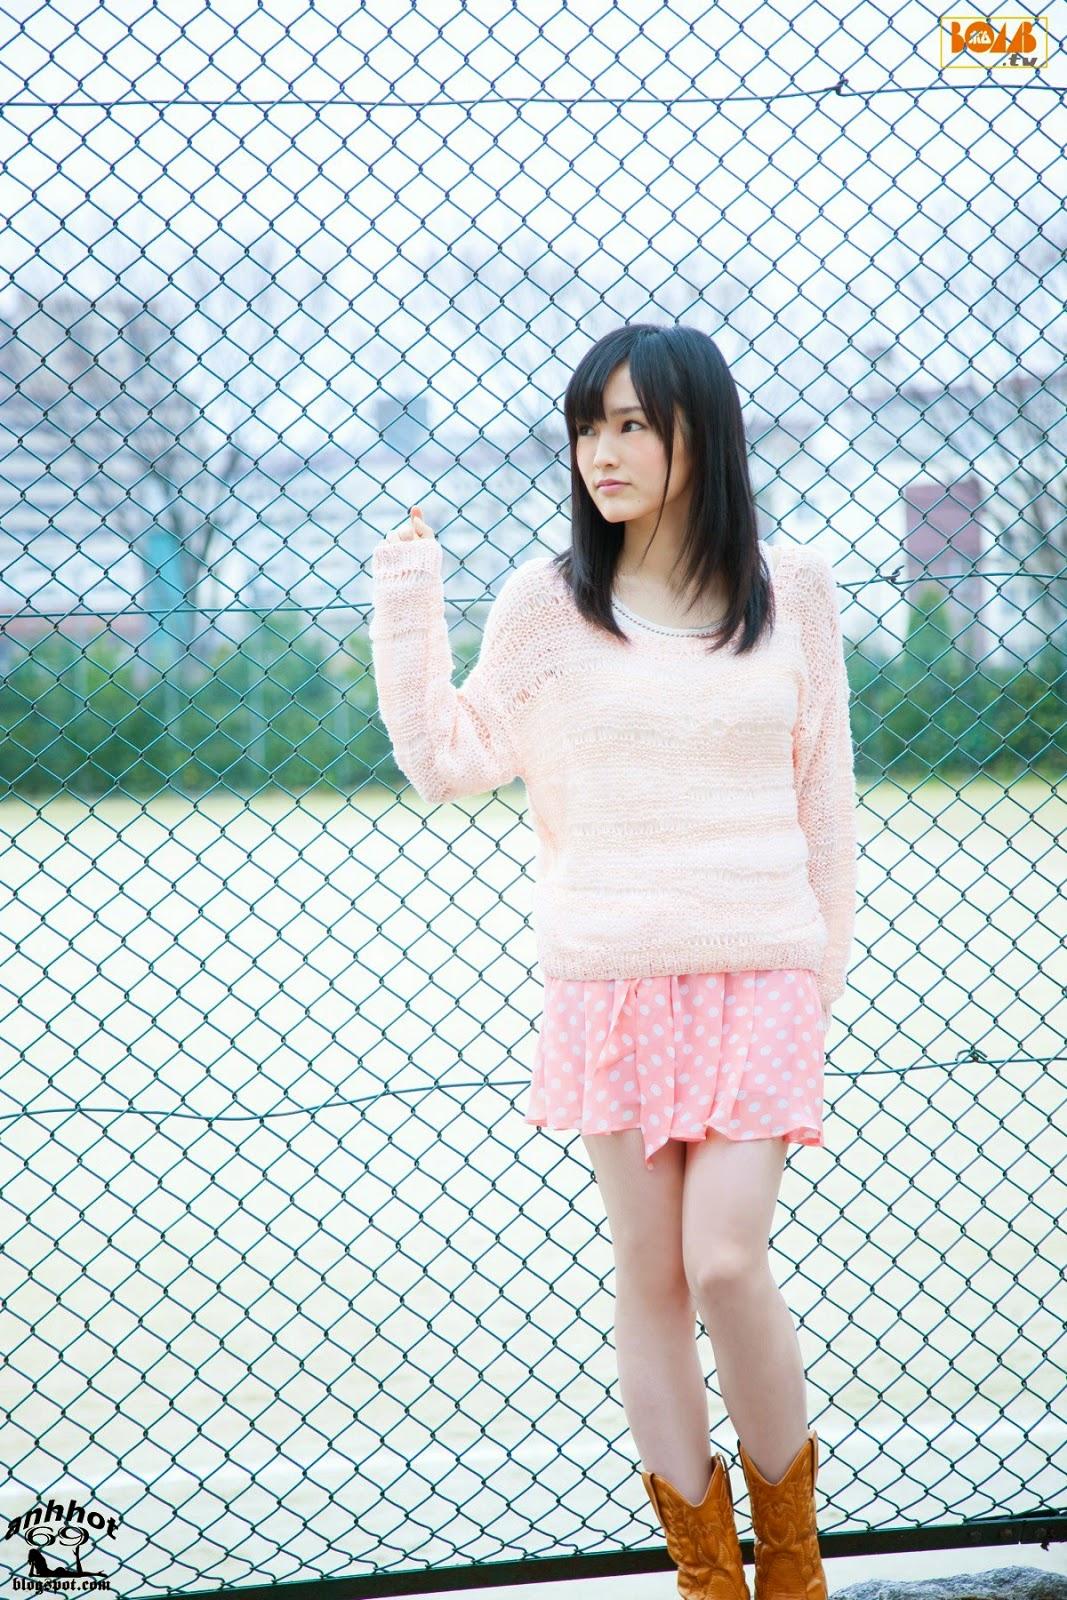 sayaka-yamamoto-01316547